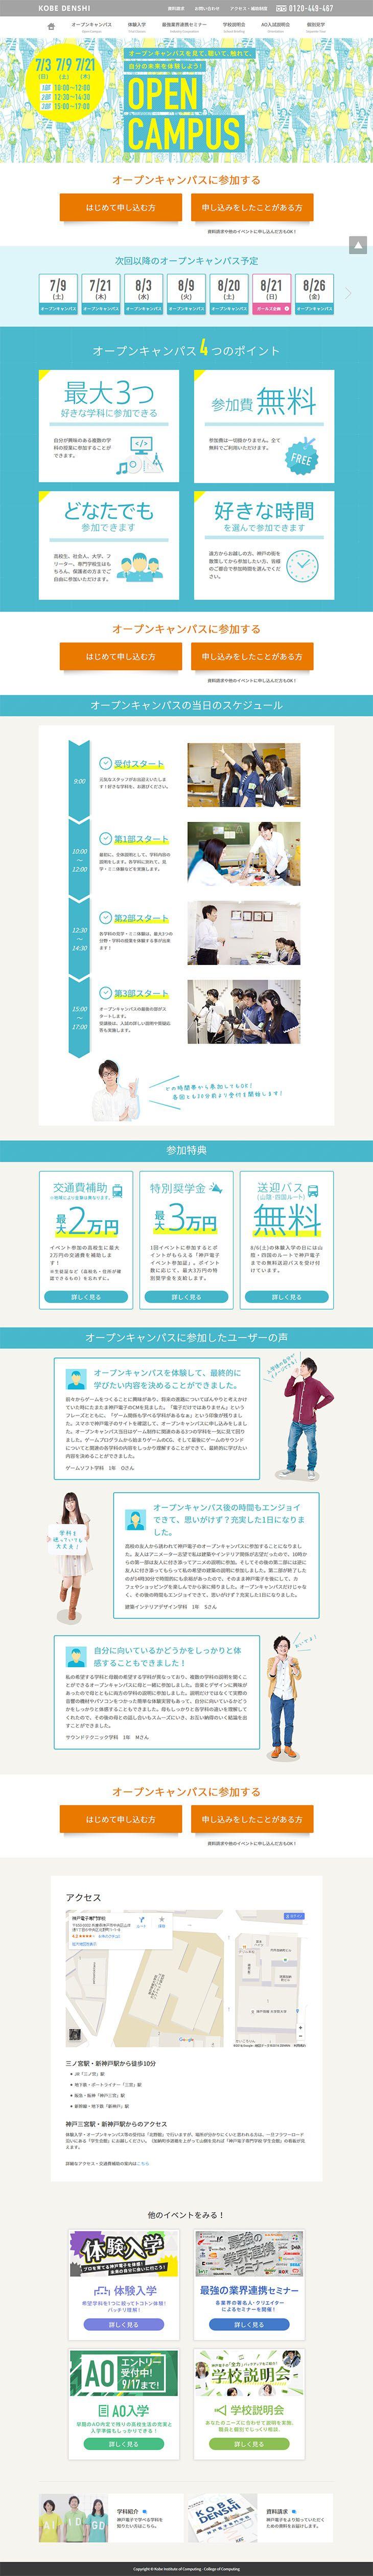 KOBE DENSHI OPEN CAMPUS【教材関連】のLPデザイン。WEBデザイナーさん必見!ランディングページのデザイン参考に(シンプル系)